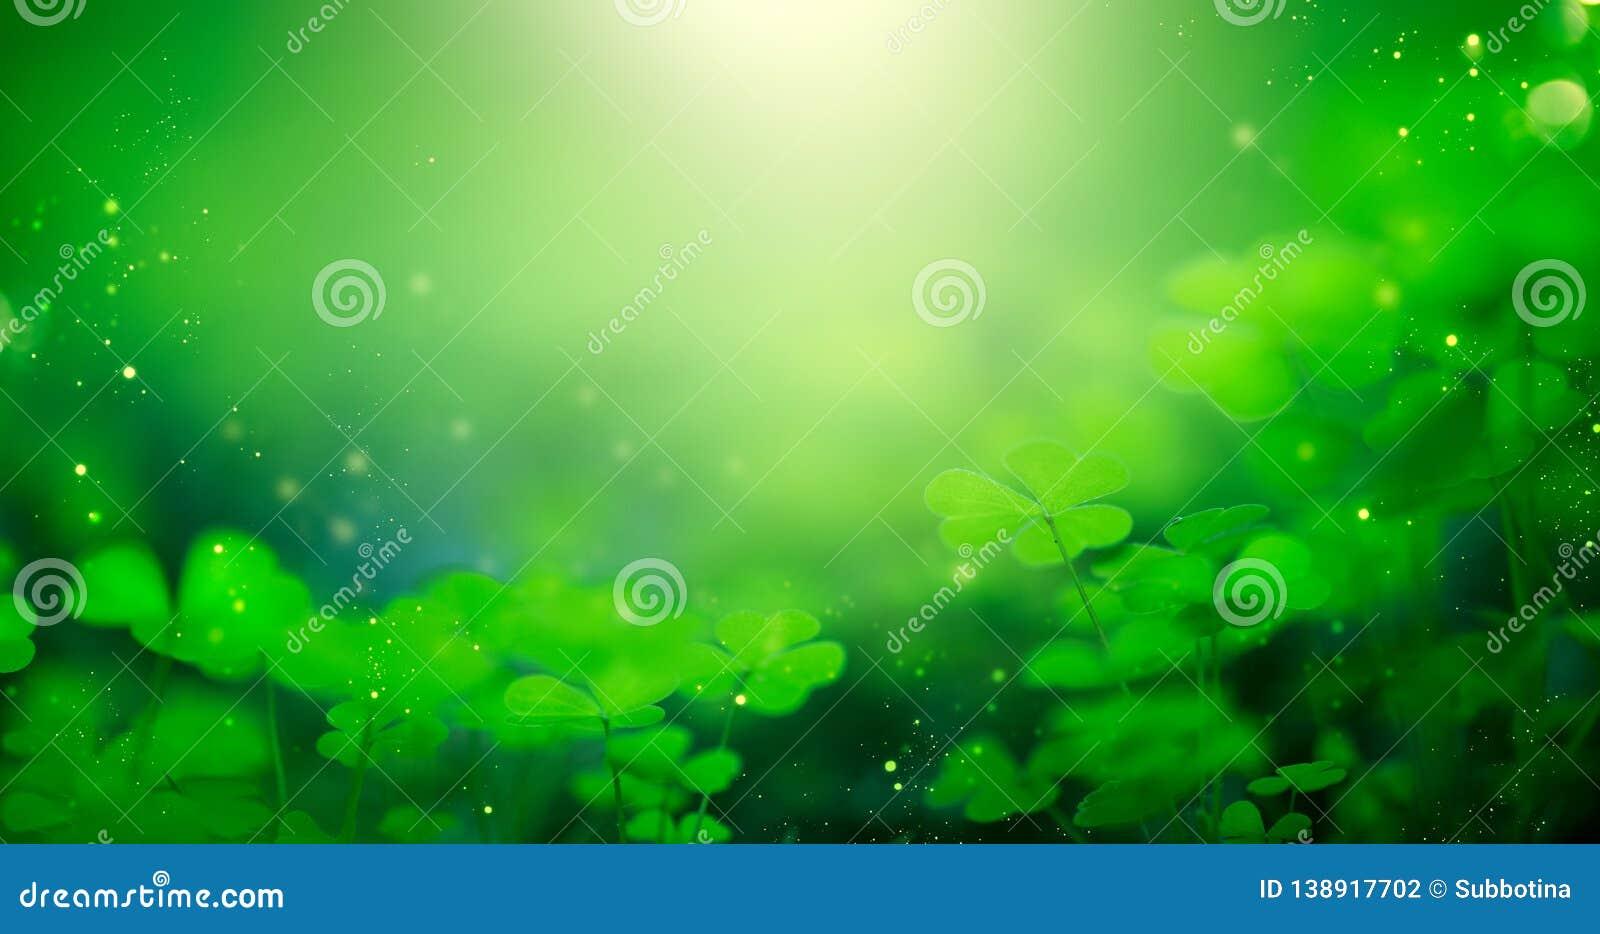 Предпосылка дня St. Patrick запачканная зеленым цветом с листьями shamrock День Патрика Абстрактный дизайн искусства границы волш